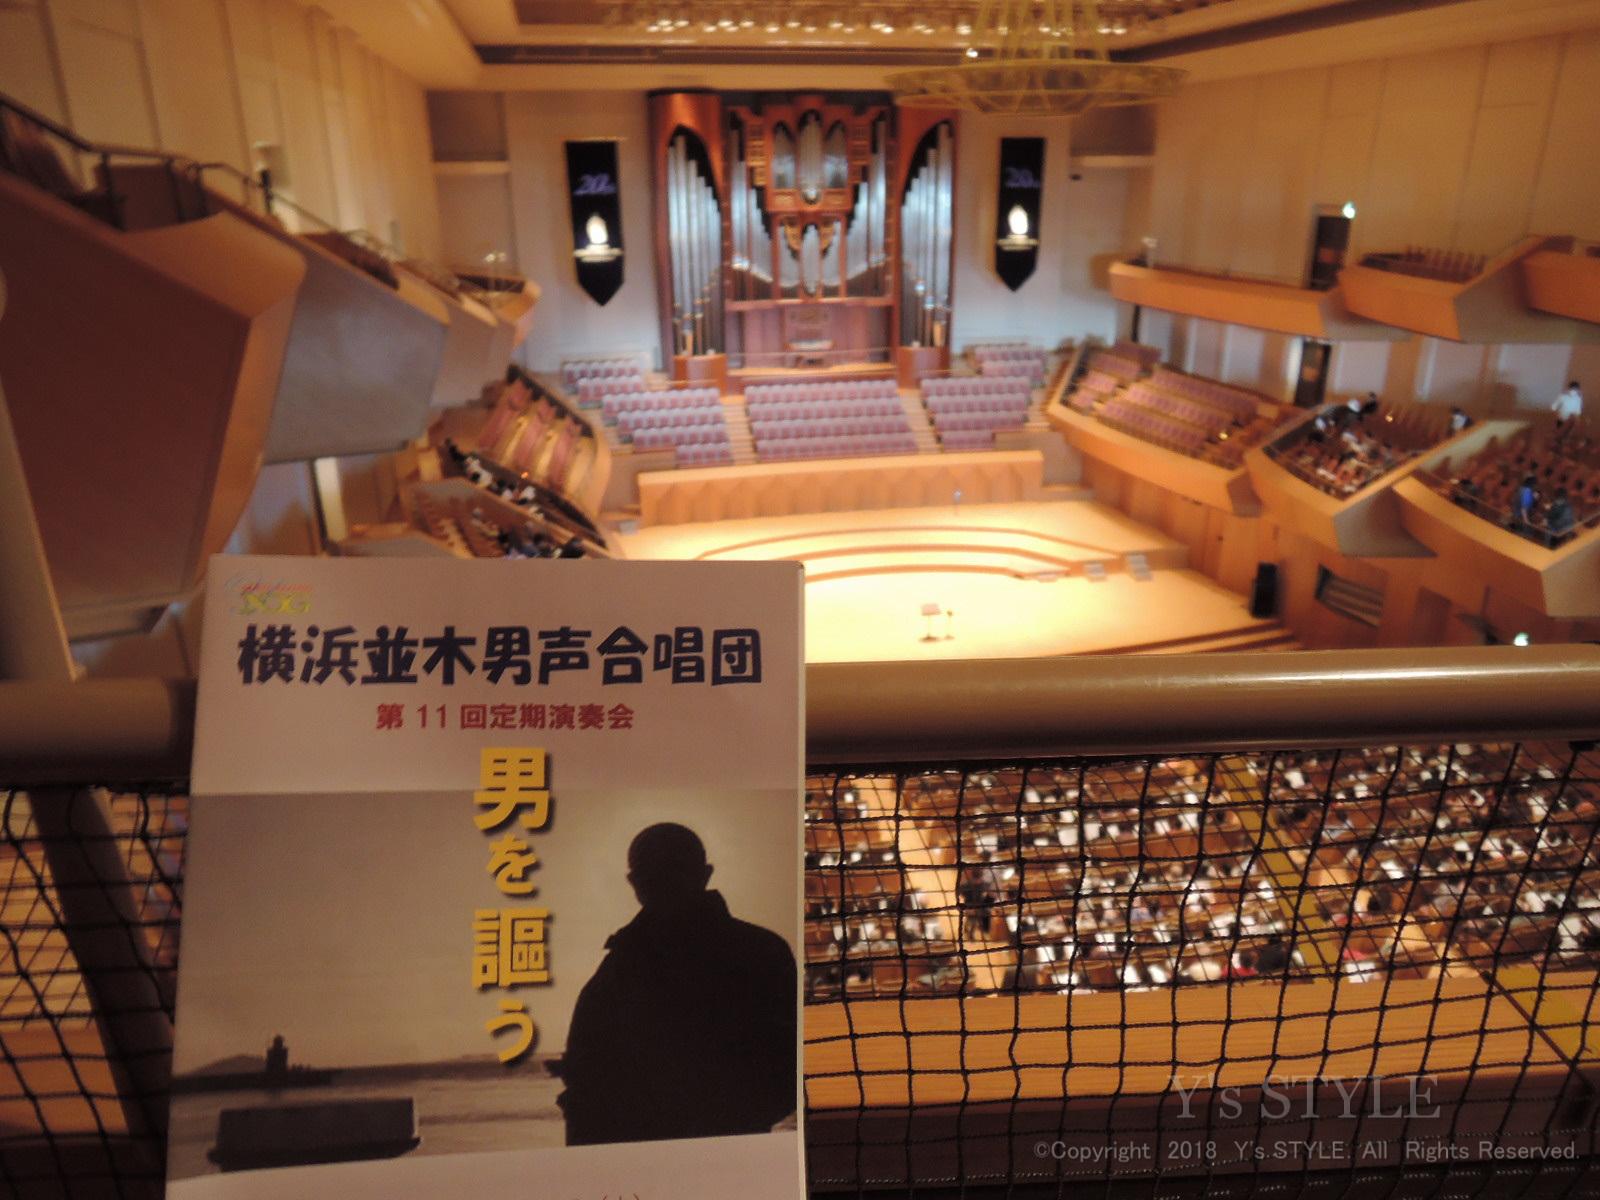 第11回 並木男声合唱団に行ってきました。